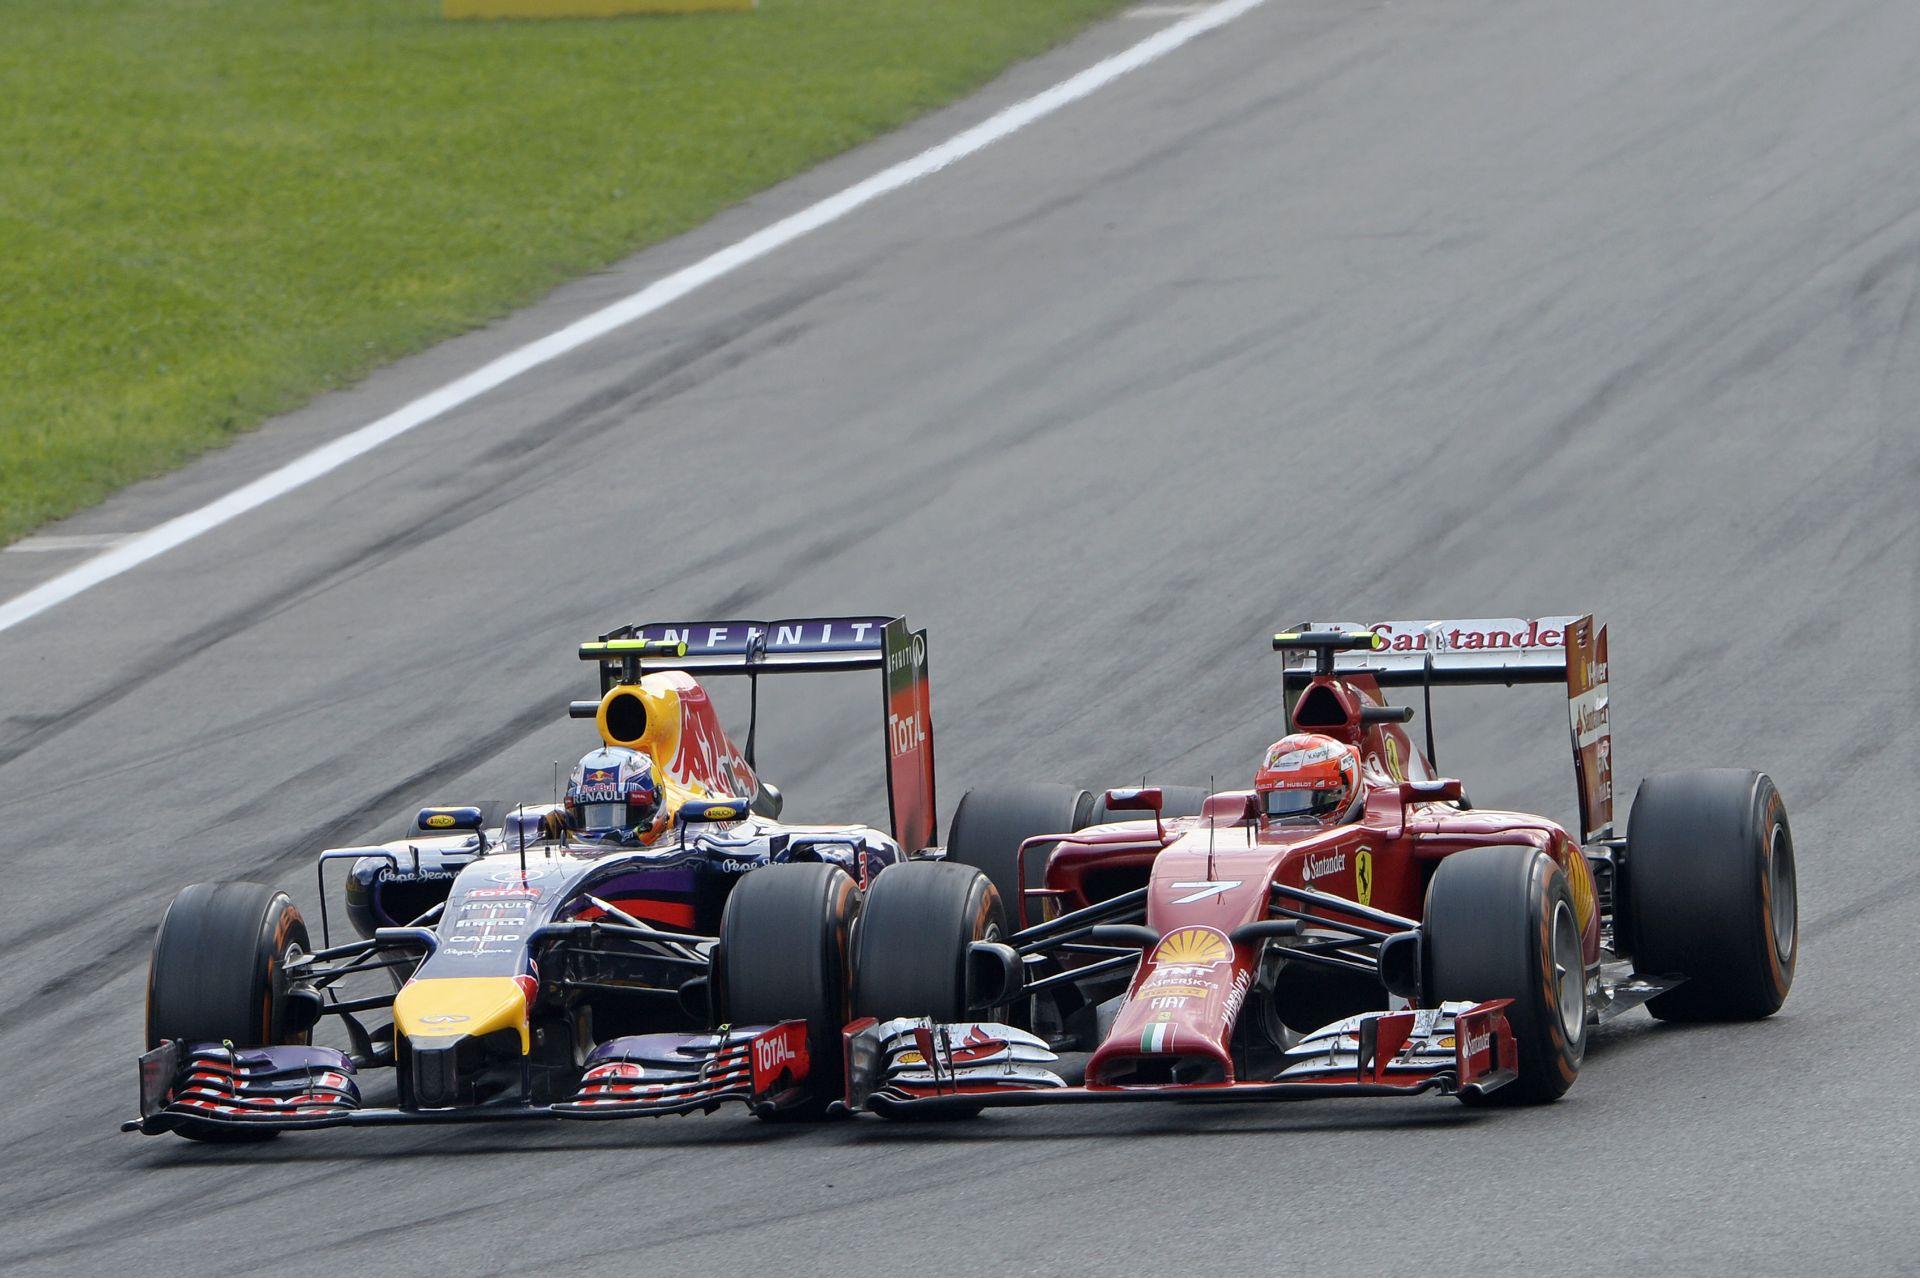 Videón az Olasz Nagydíj legnagyobb előzése: Ricciardo bealtatta Raikkönent! Nem kicsit, csak nagyon